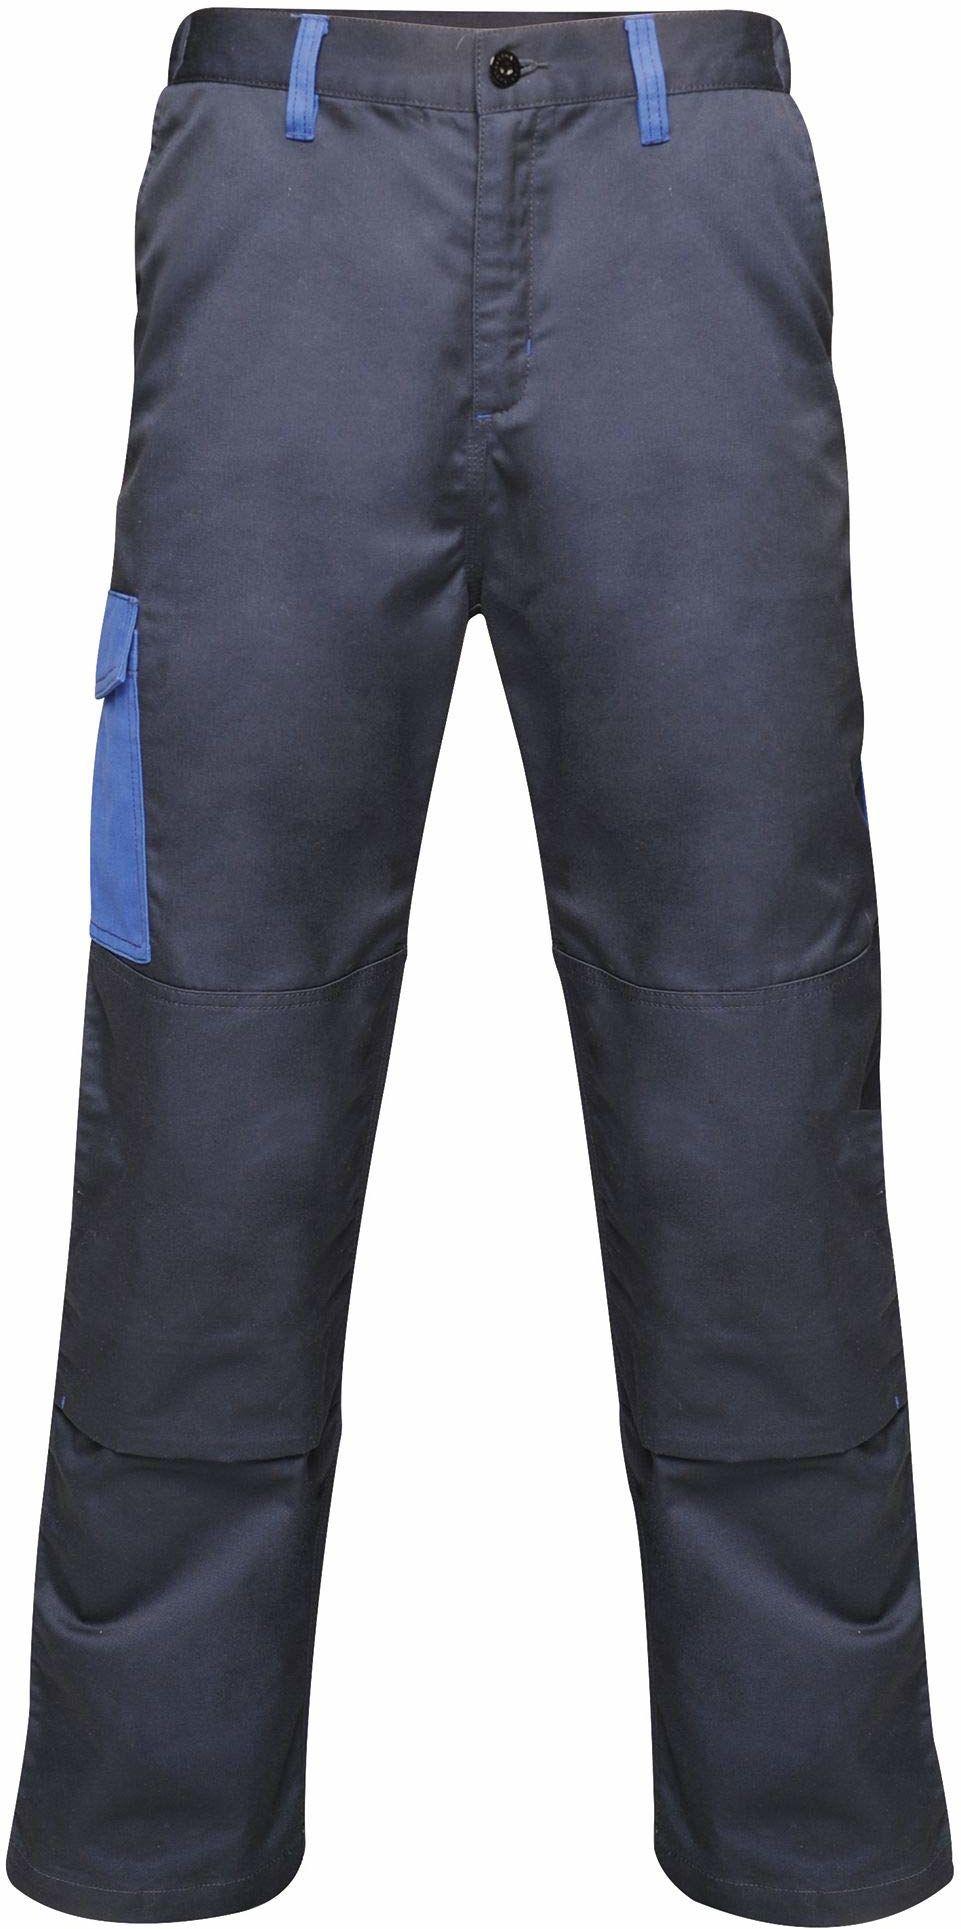 """Regatta męskie profesjonalne kontrastowe wytrzymałe spodnie cargo potrójnie szyte wodoodporne spodnie Navy/New Royal Size: 46"""""""